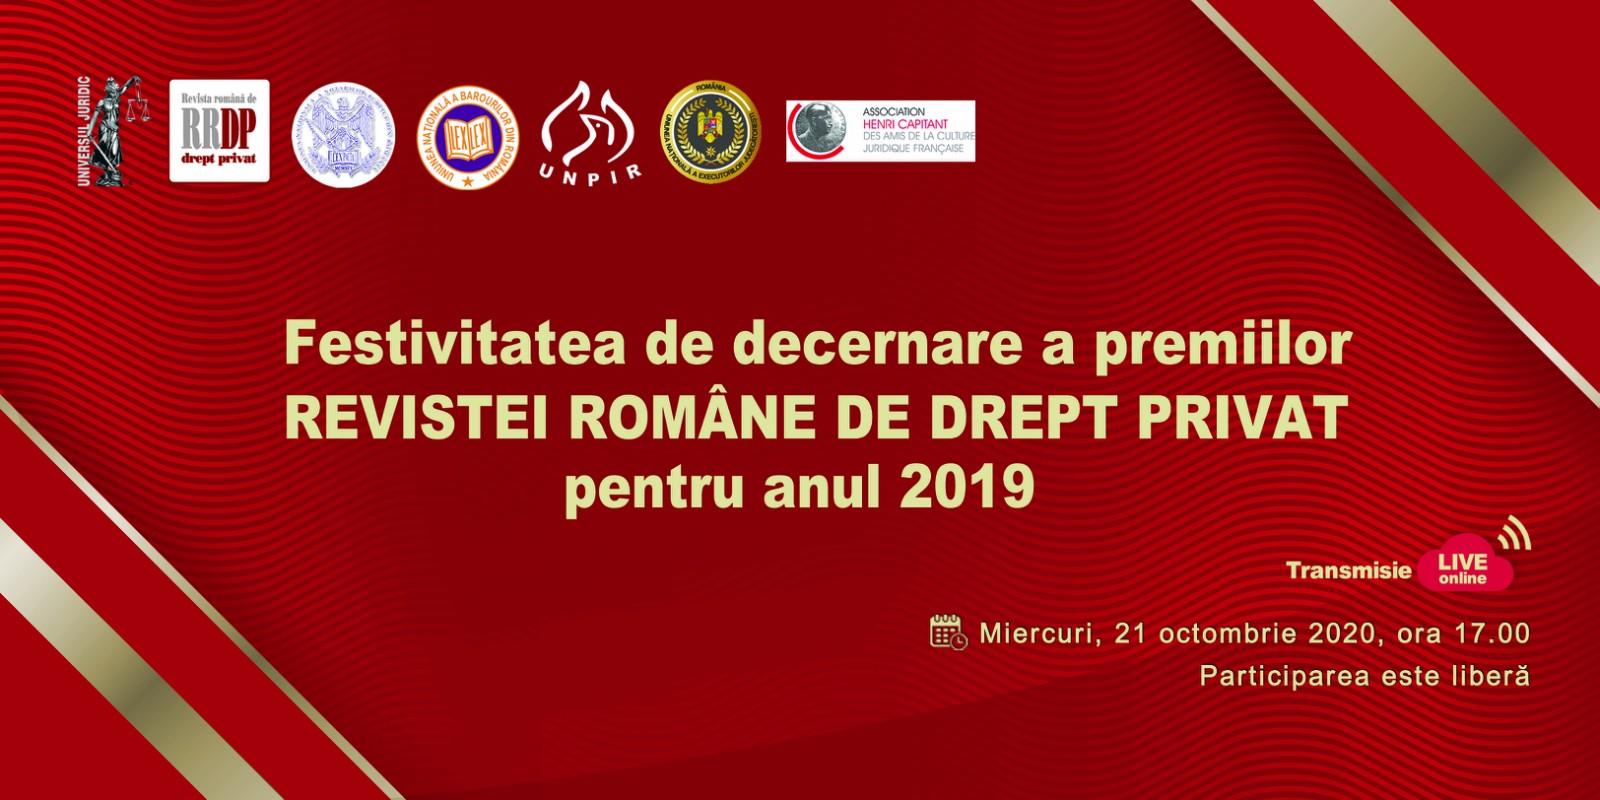 Conferința națională de executare silită, ediția a XI-a, Online